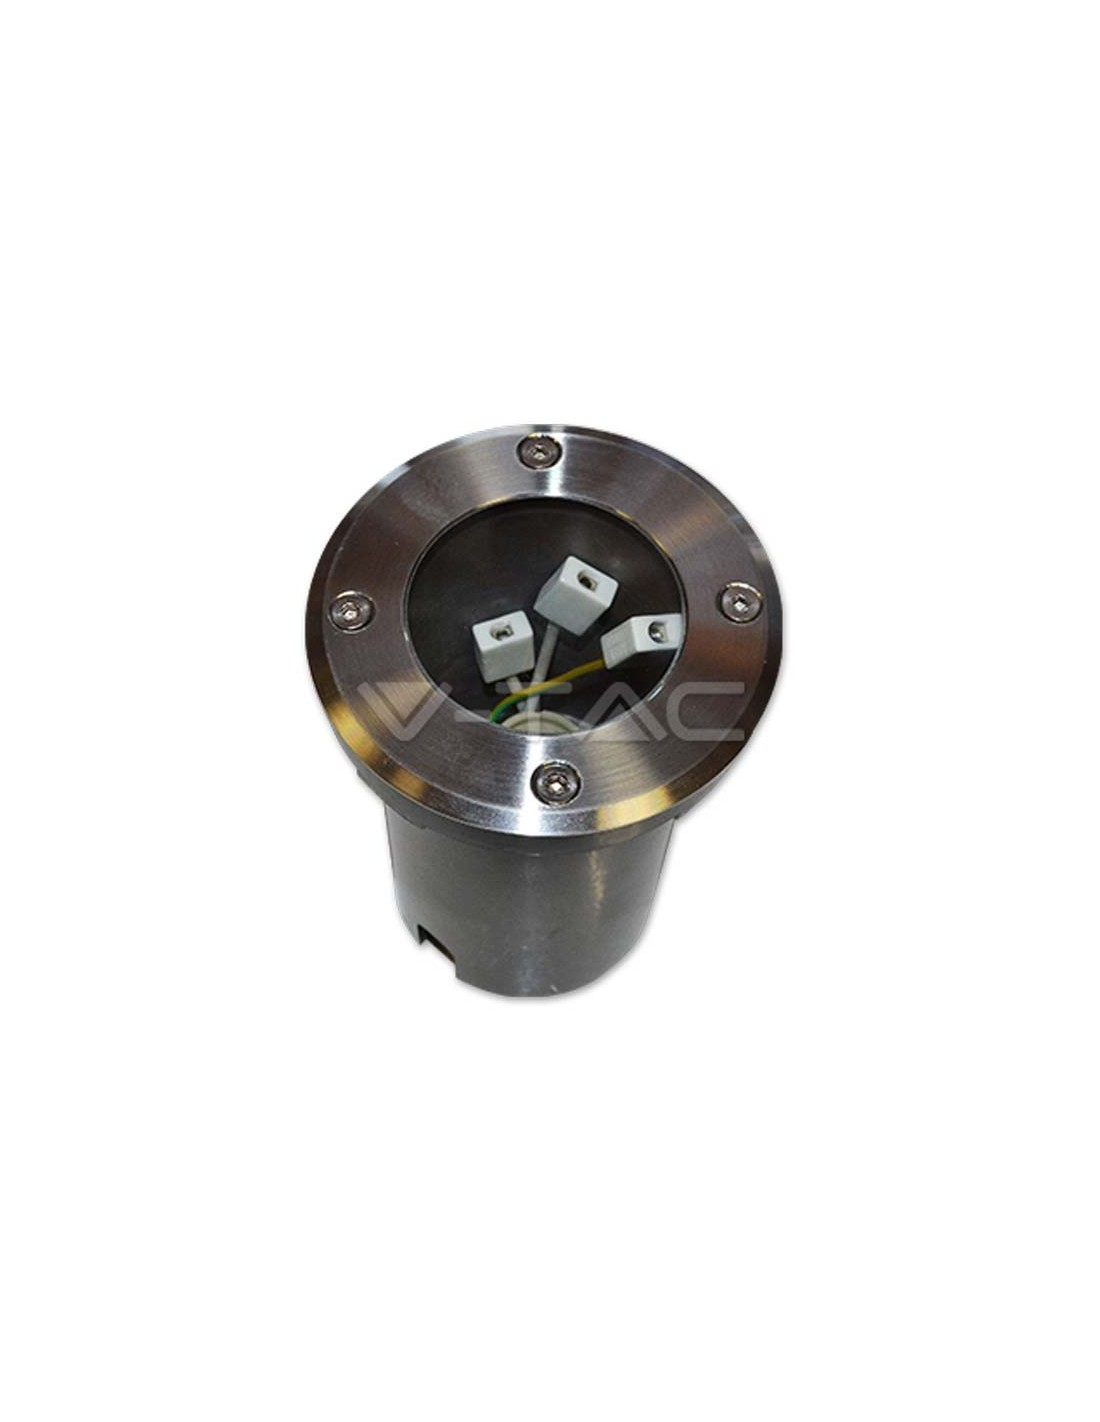 Foco de suelo de exterior empotrable 4791 aluminio ip65 67 - Foco philips ip65 ...